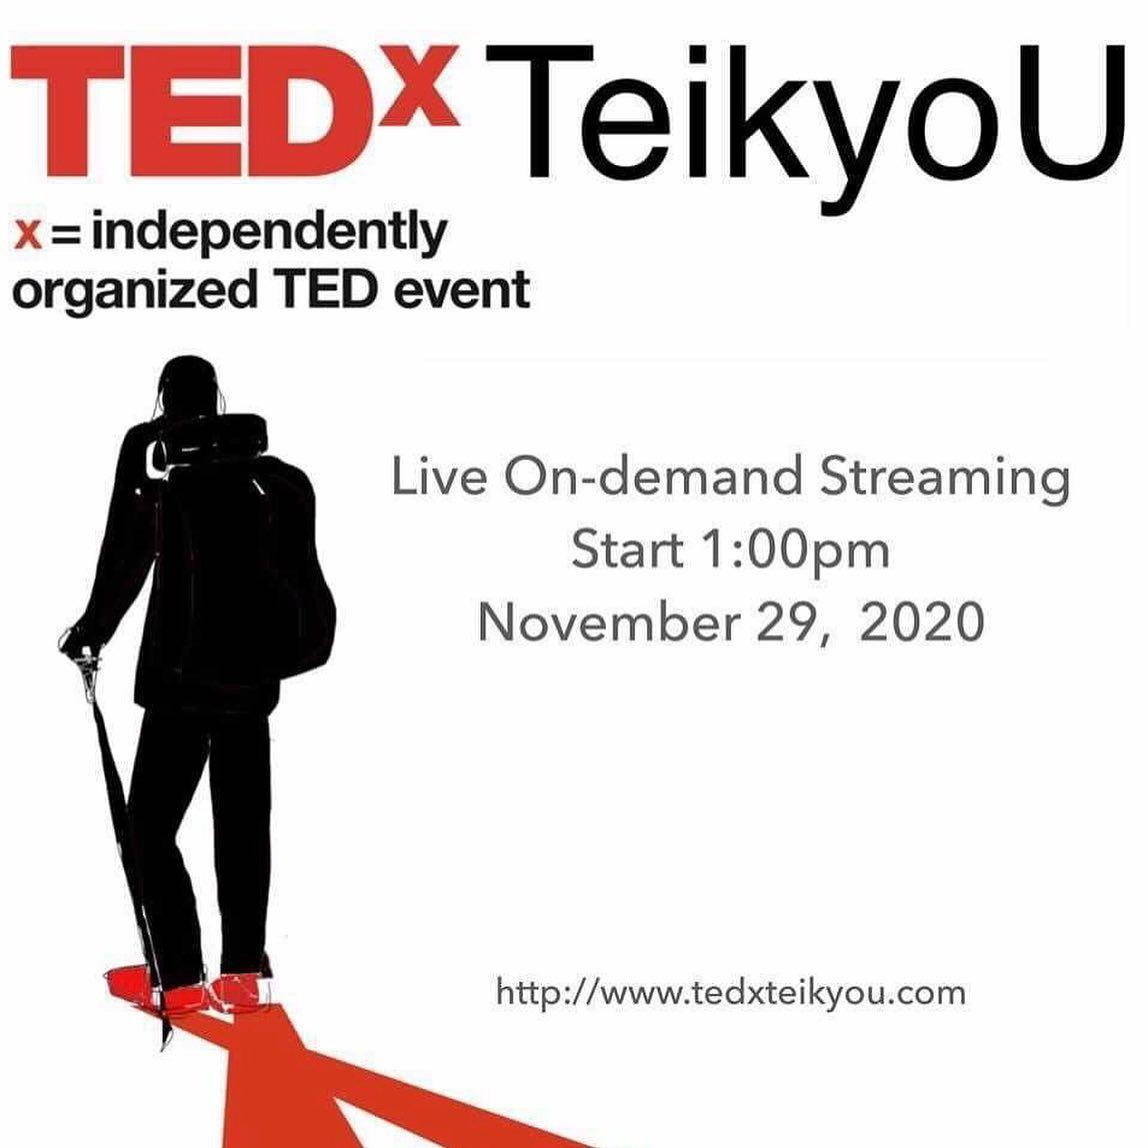 明日11月29日13時から開催される「TEDxTeikyoU 2020」に出演します。今回はZOOMを利用したオンライン開催です。参加申し込みは本日23時55分まで。以下のURLより、お急ぎ、お申し込みください!野口健事務所